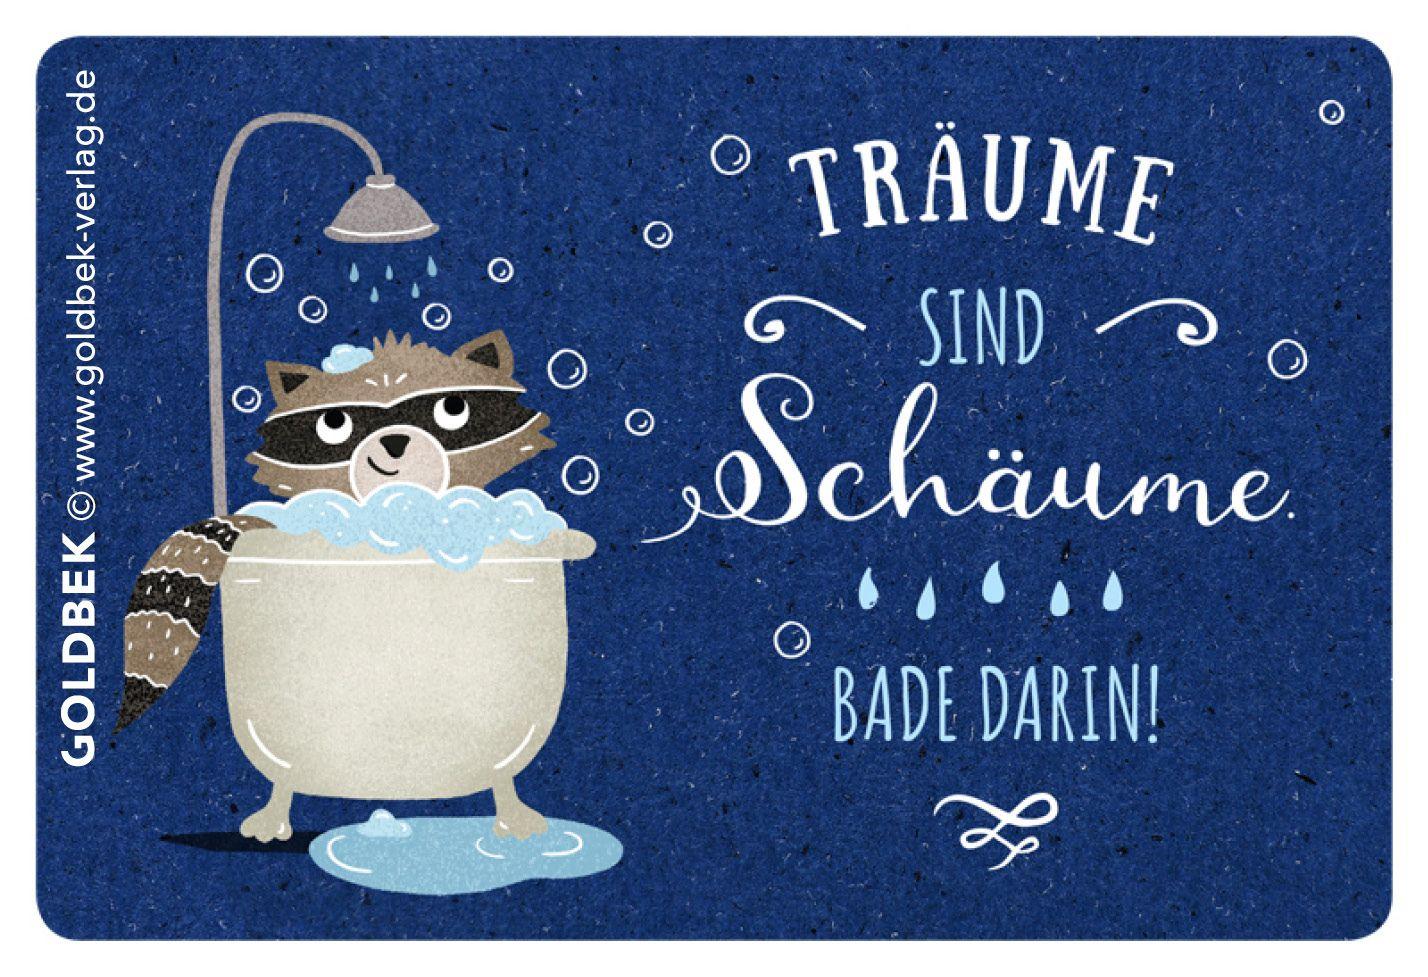 Postkarten Illustrationen Traume Sind Schaume Bade Darin Postkarten Spruche Spruche Coole Spruche